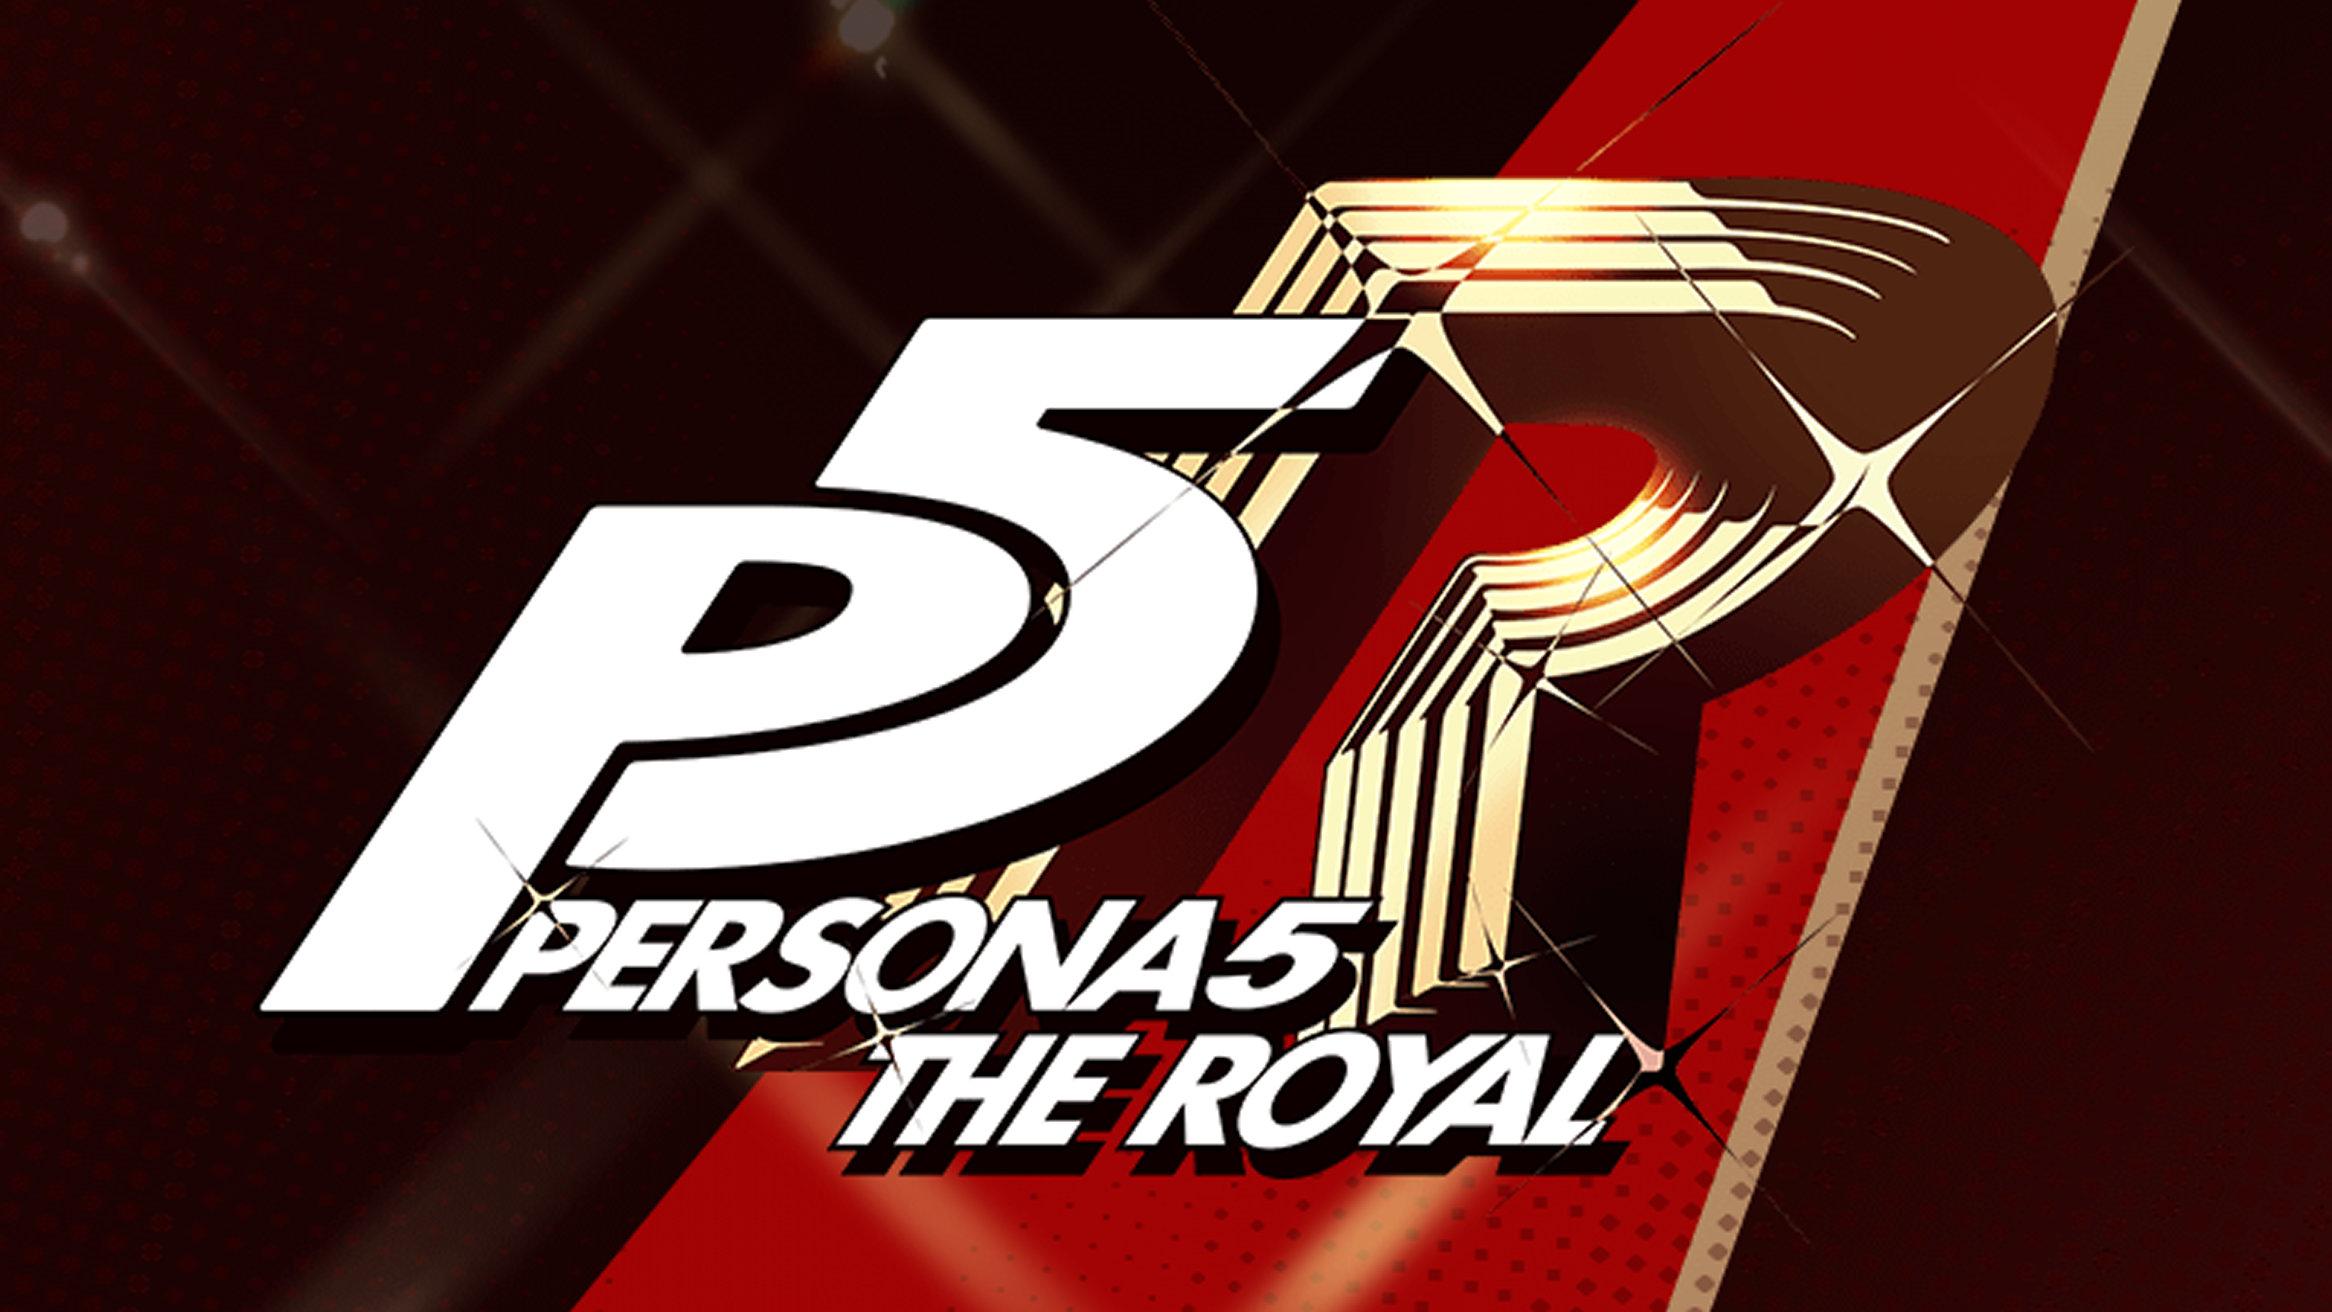 ペルソナ5 ザ・ロイヤル、容量1.5倍にアップ。PS4 Pro対応